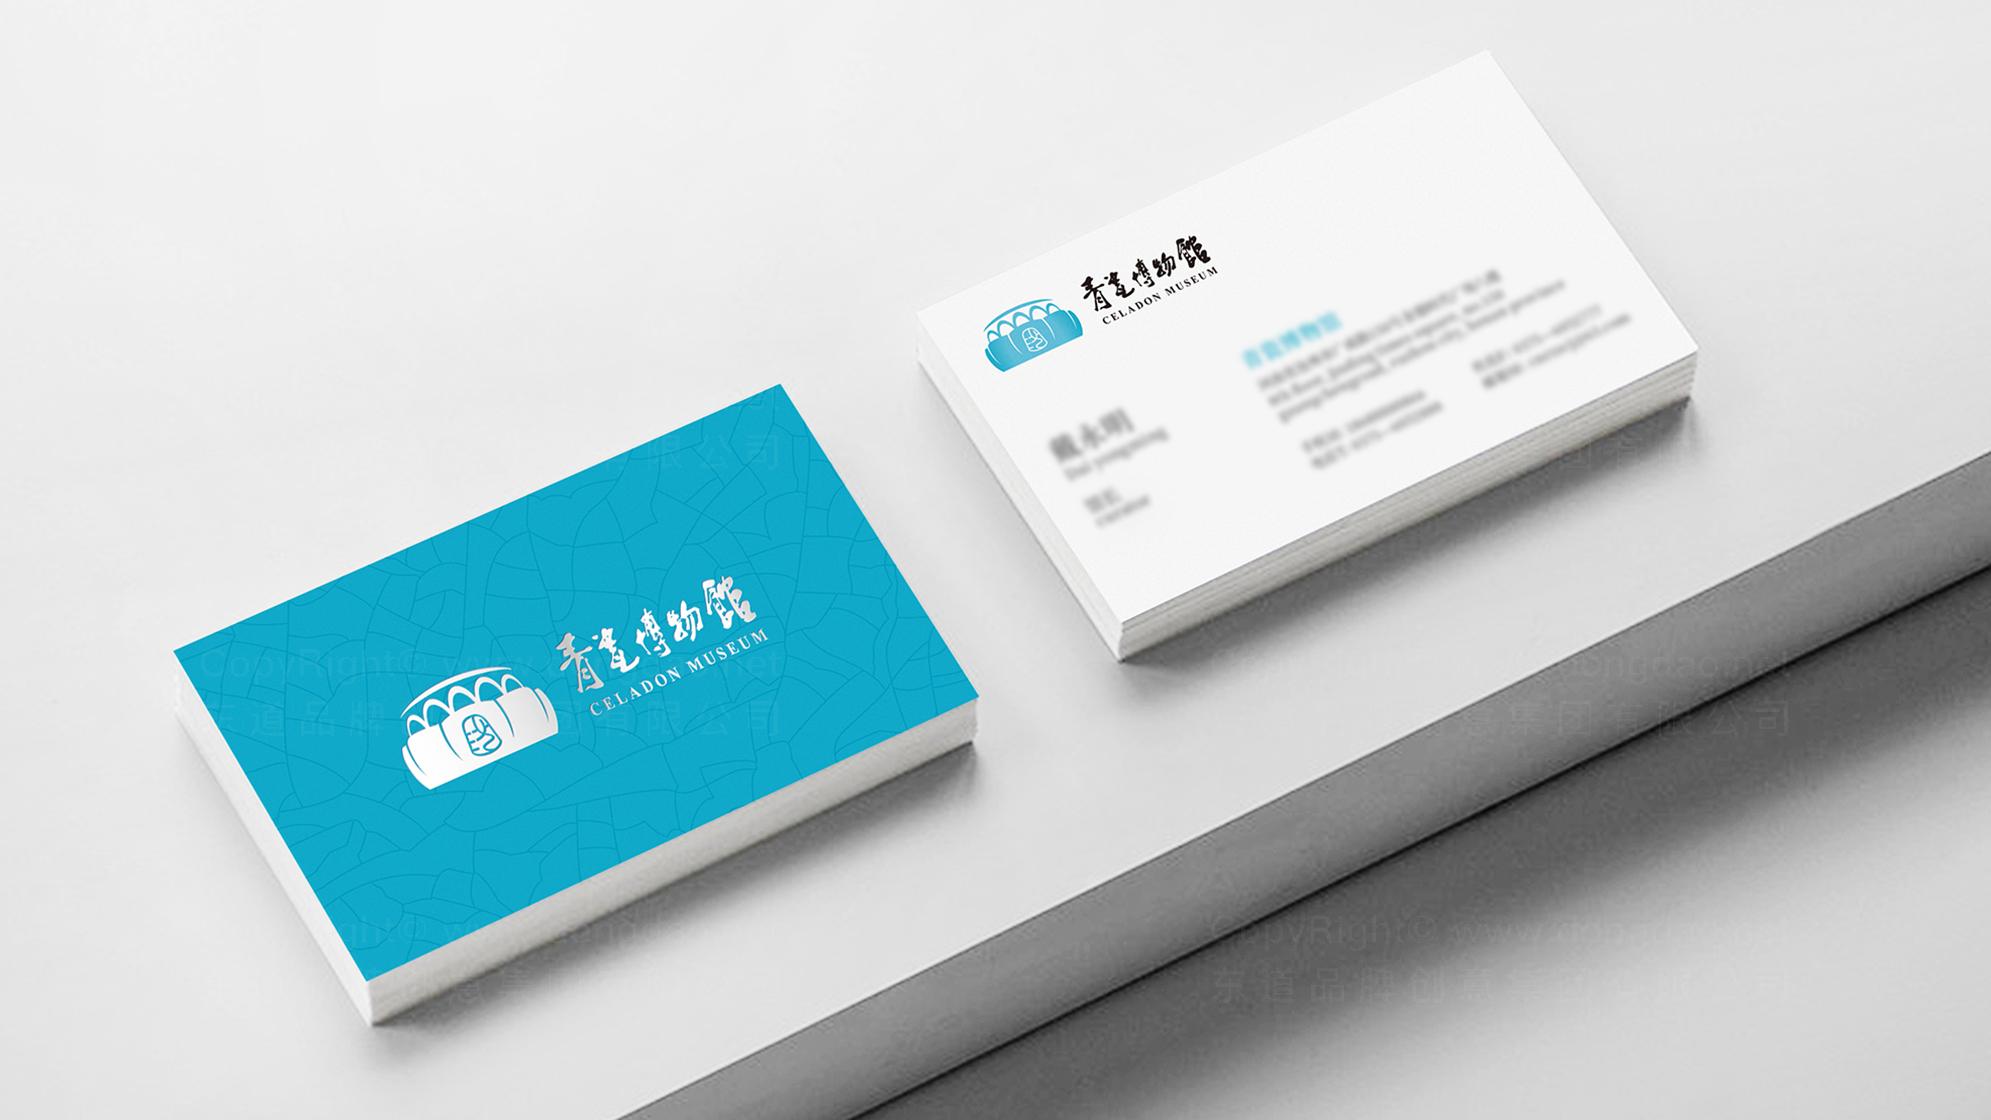 品牌设计青瓷博物馆logo设计、vi设计应用场景_2